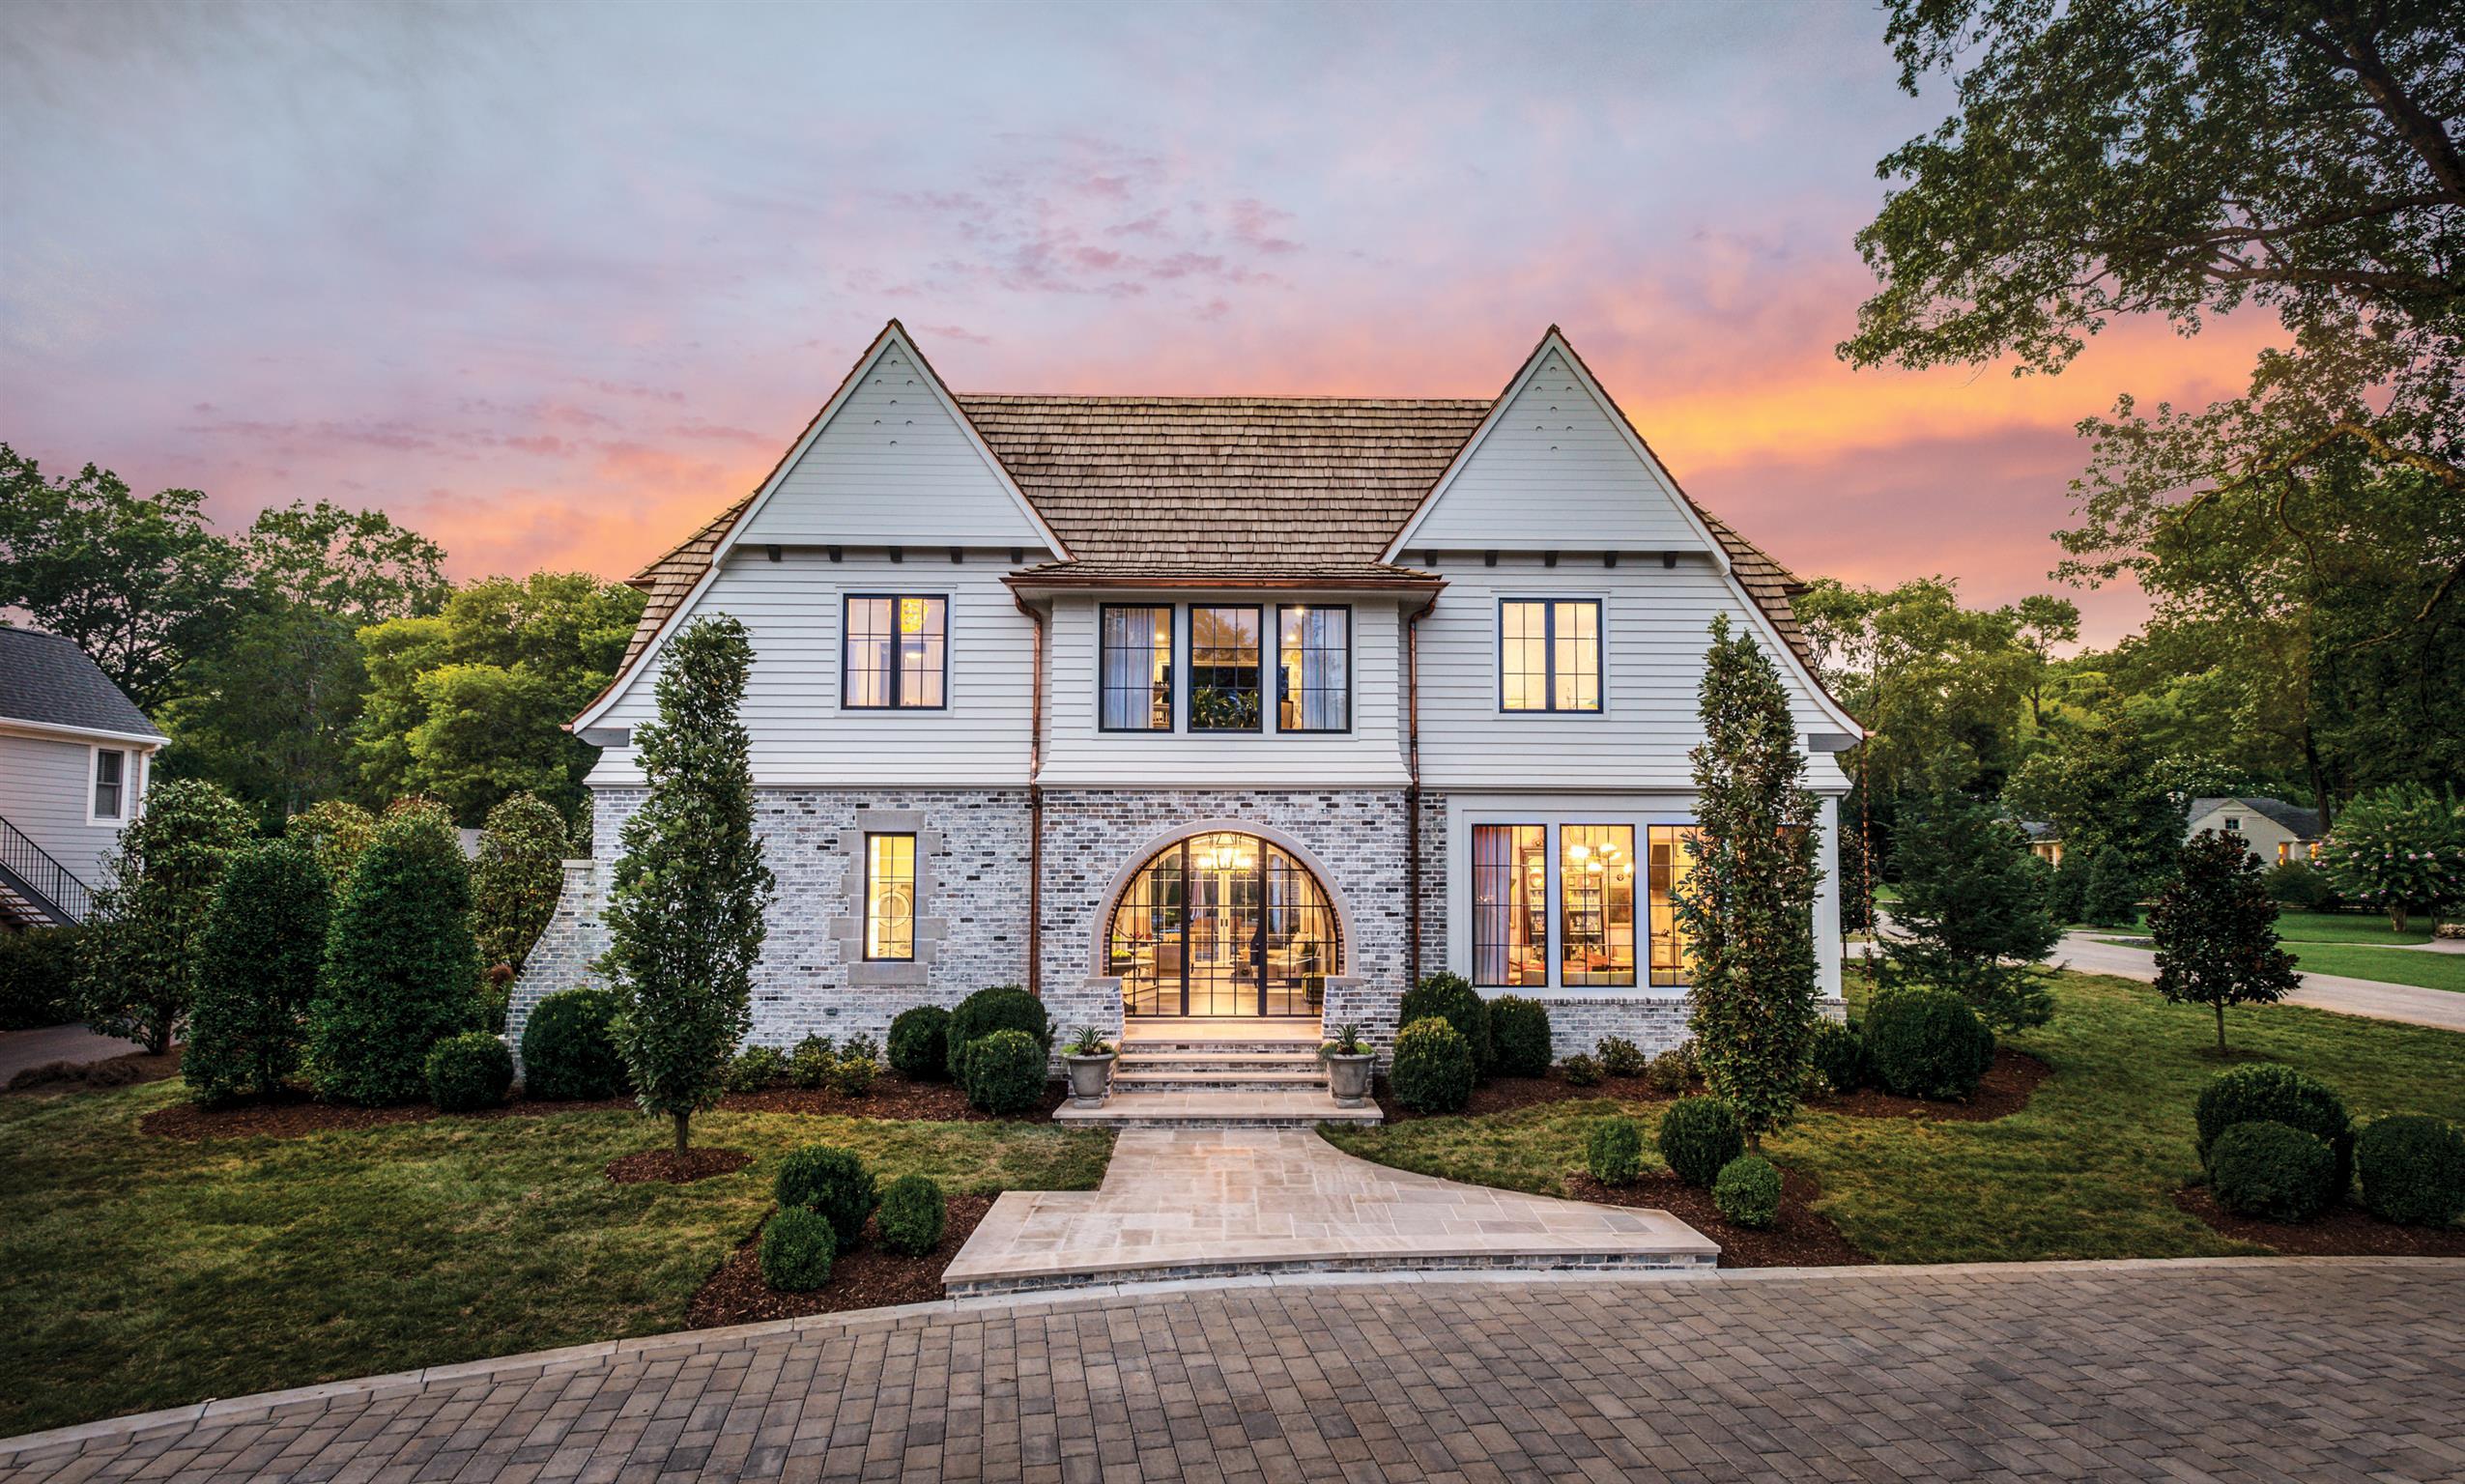 $3,250,000 - 5Br/7Ba -  for Sale in Royal Oaks, Nashville